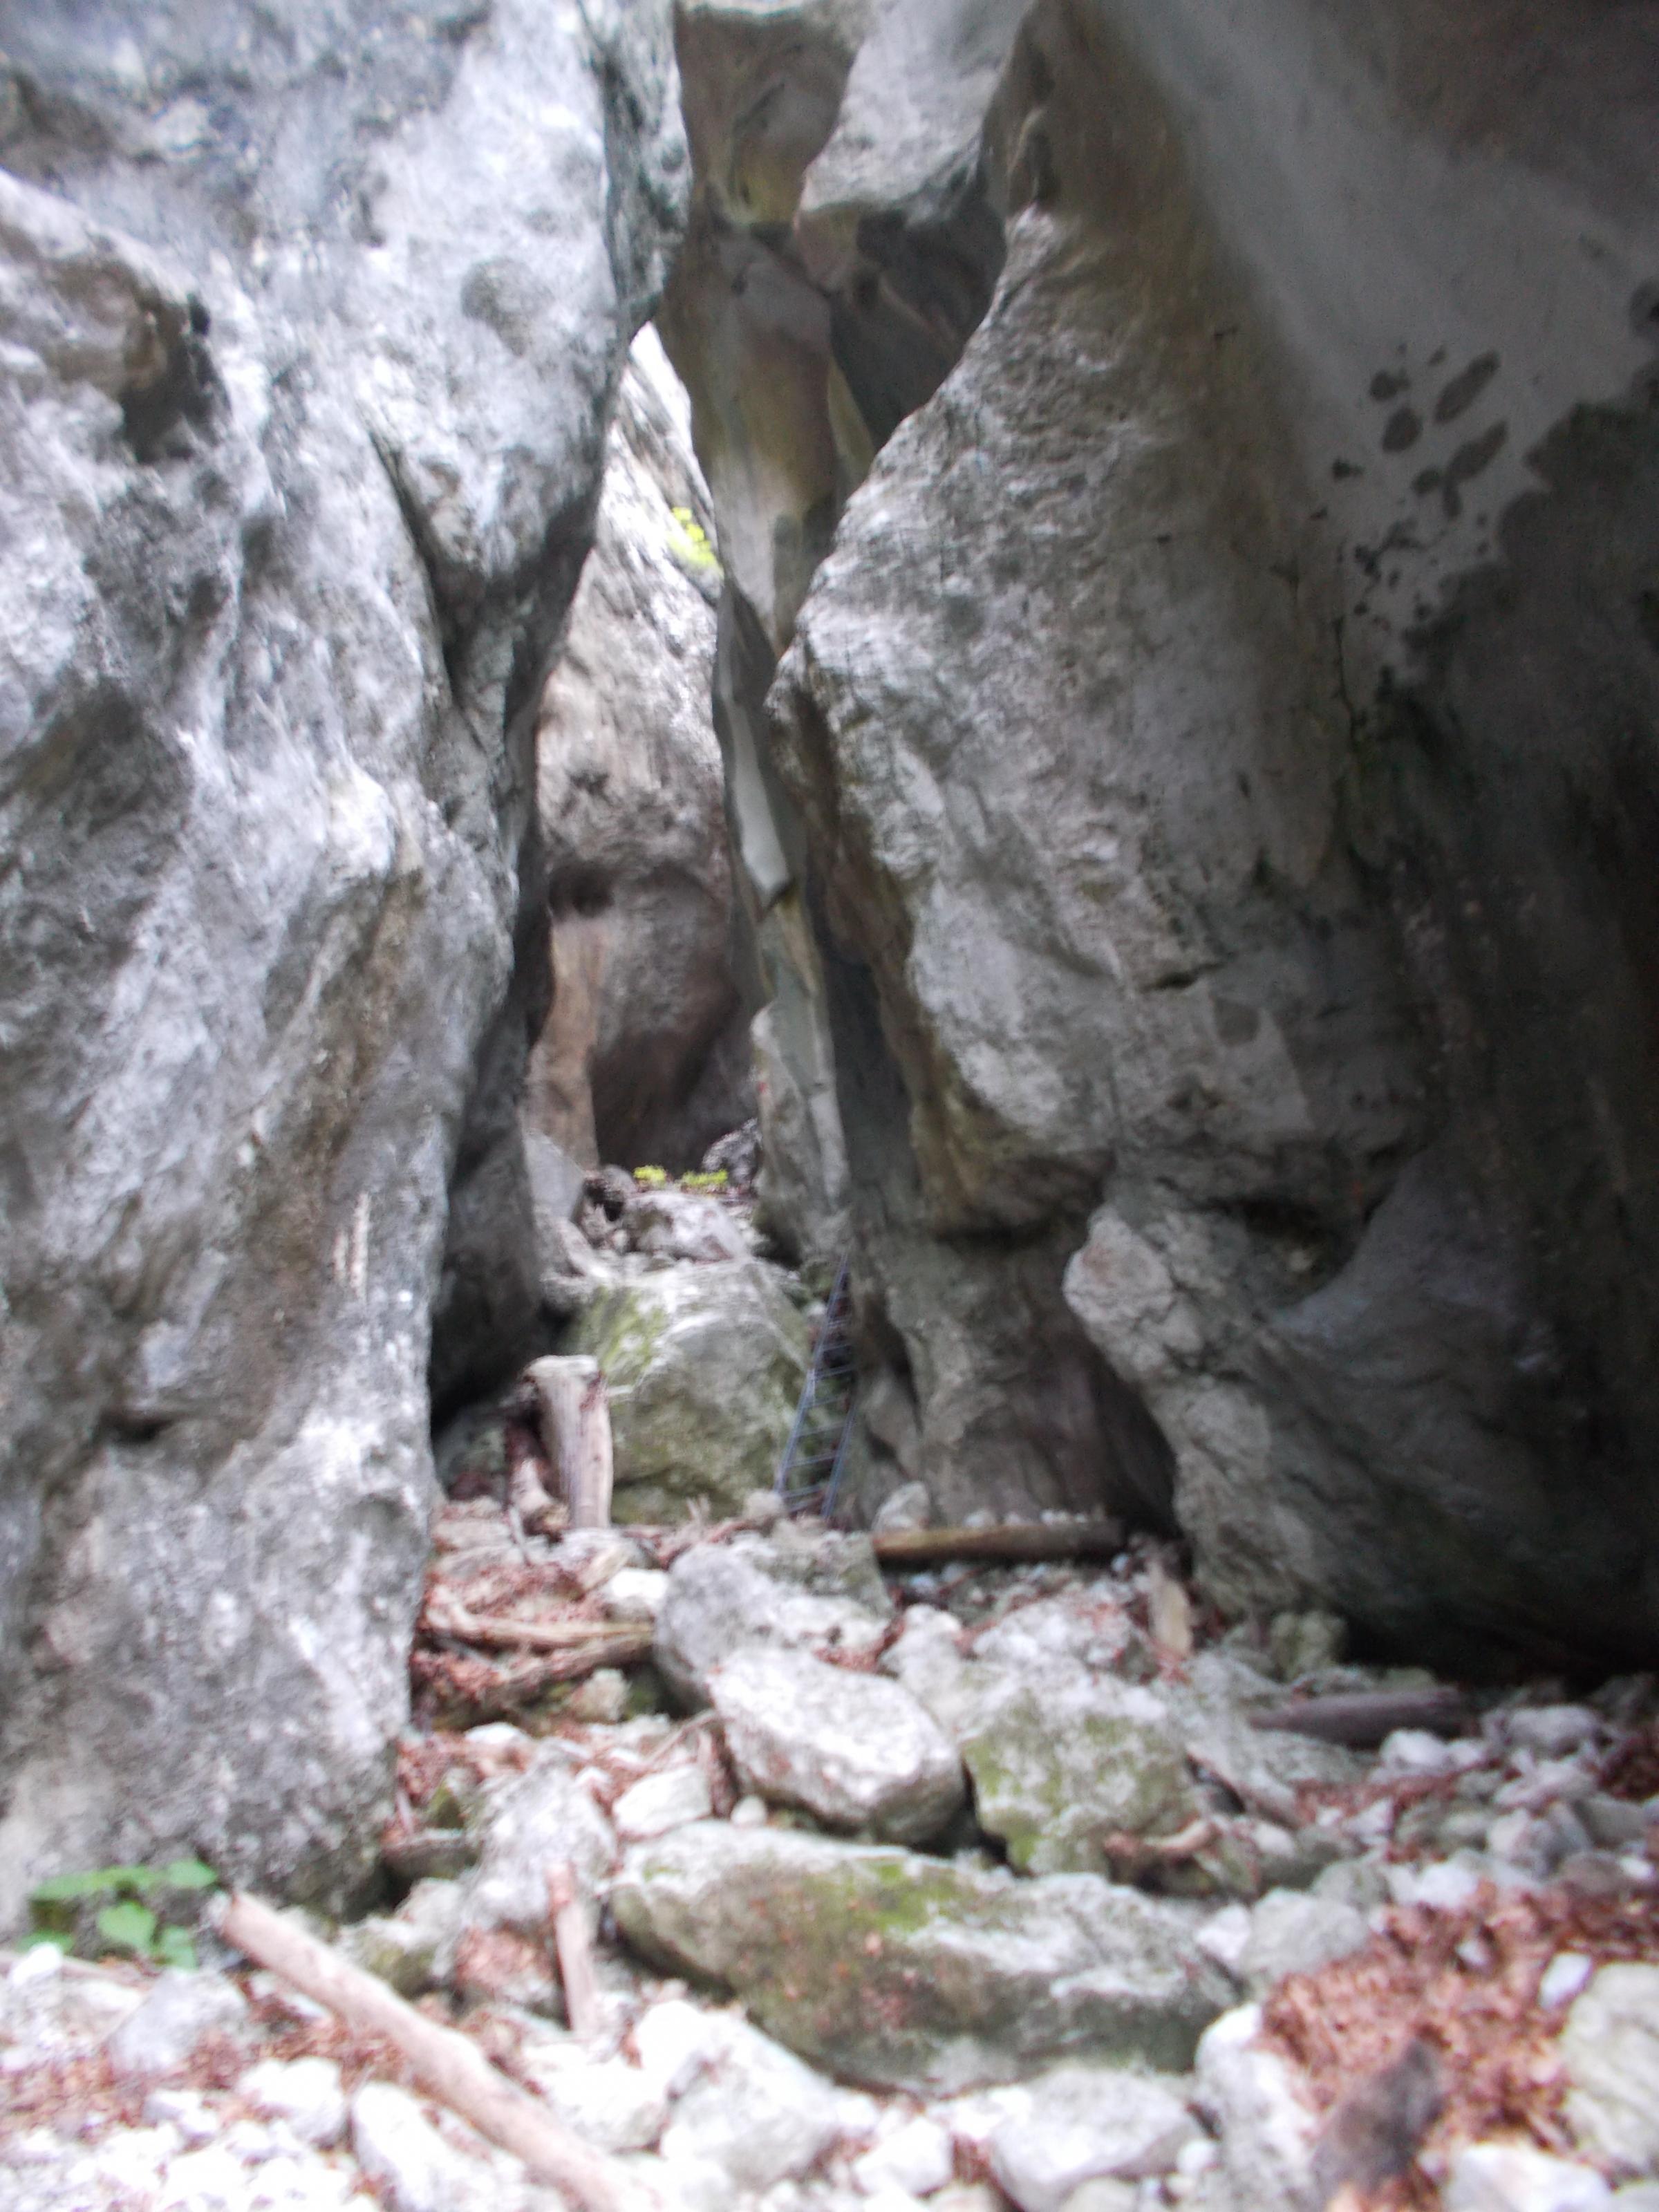 schneeberg-weichtalklamm-stadelwand-012.jpg